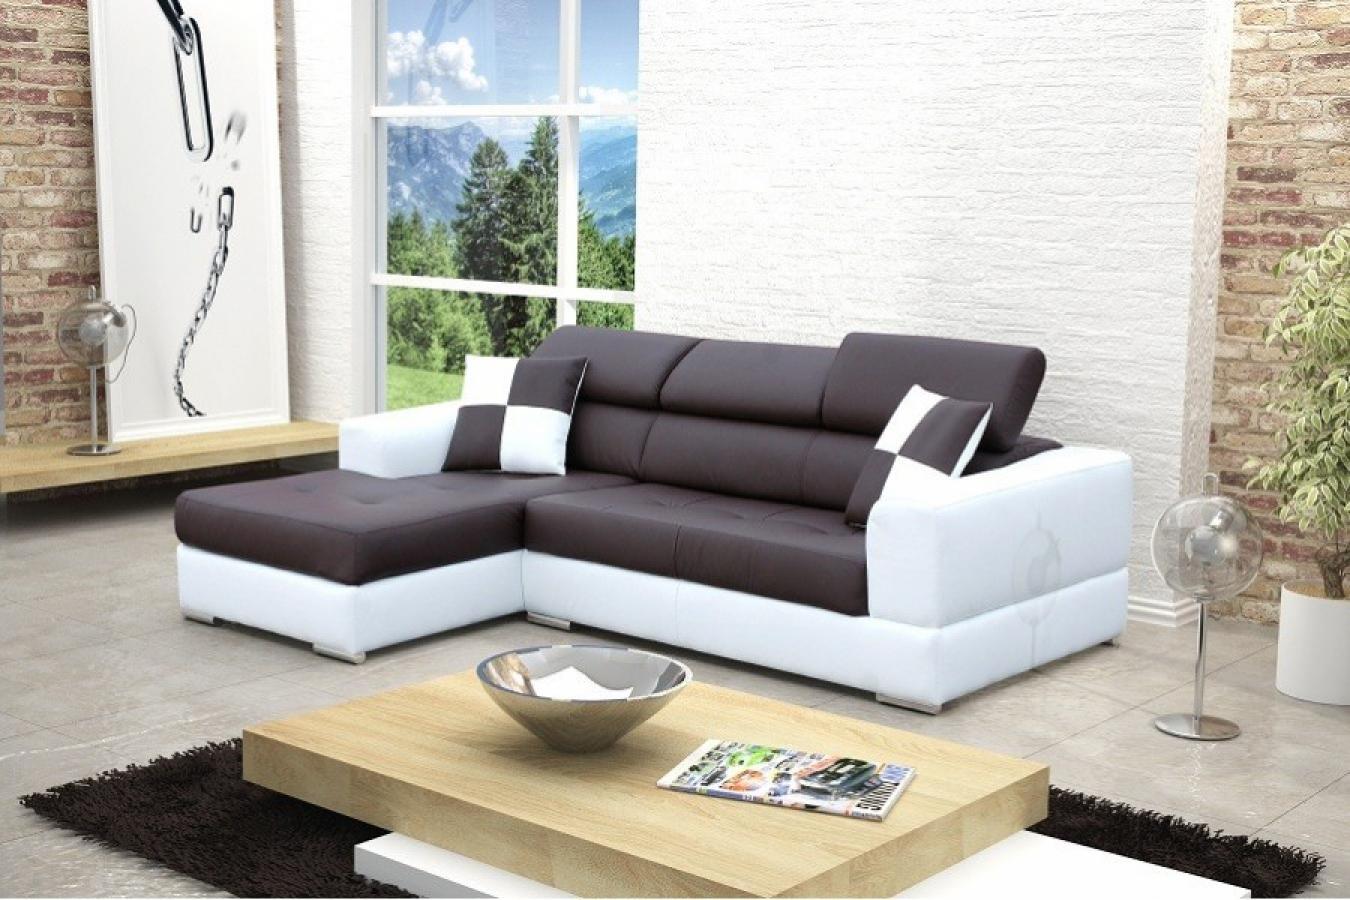 photos canap d 39 angle cuir blanc et noir. Black Bedroom Furniture Sets. Home Design Ideas